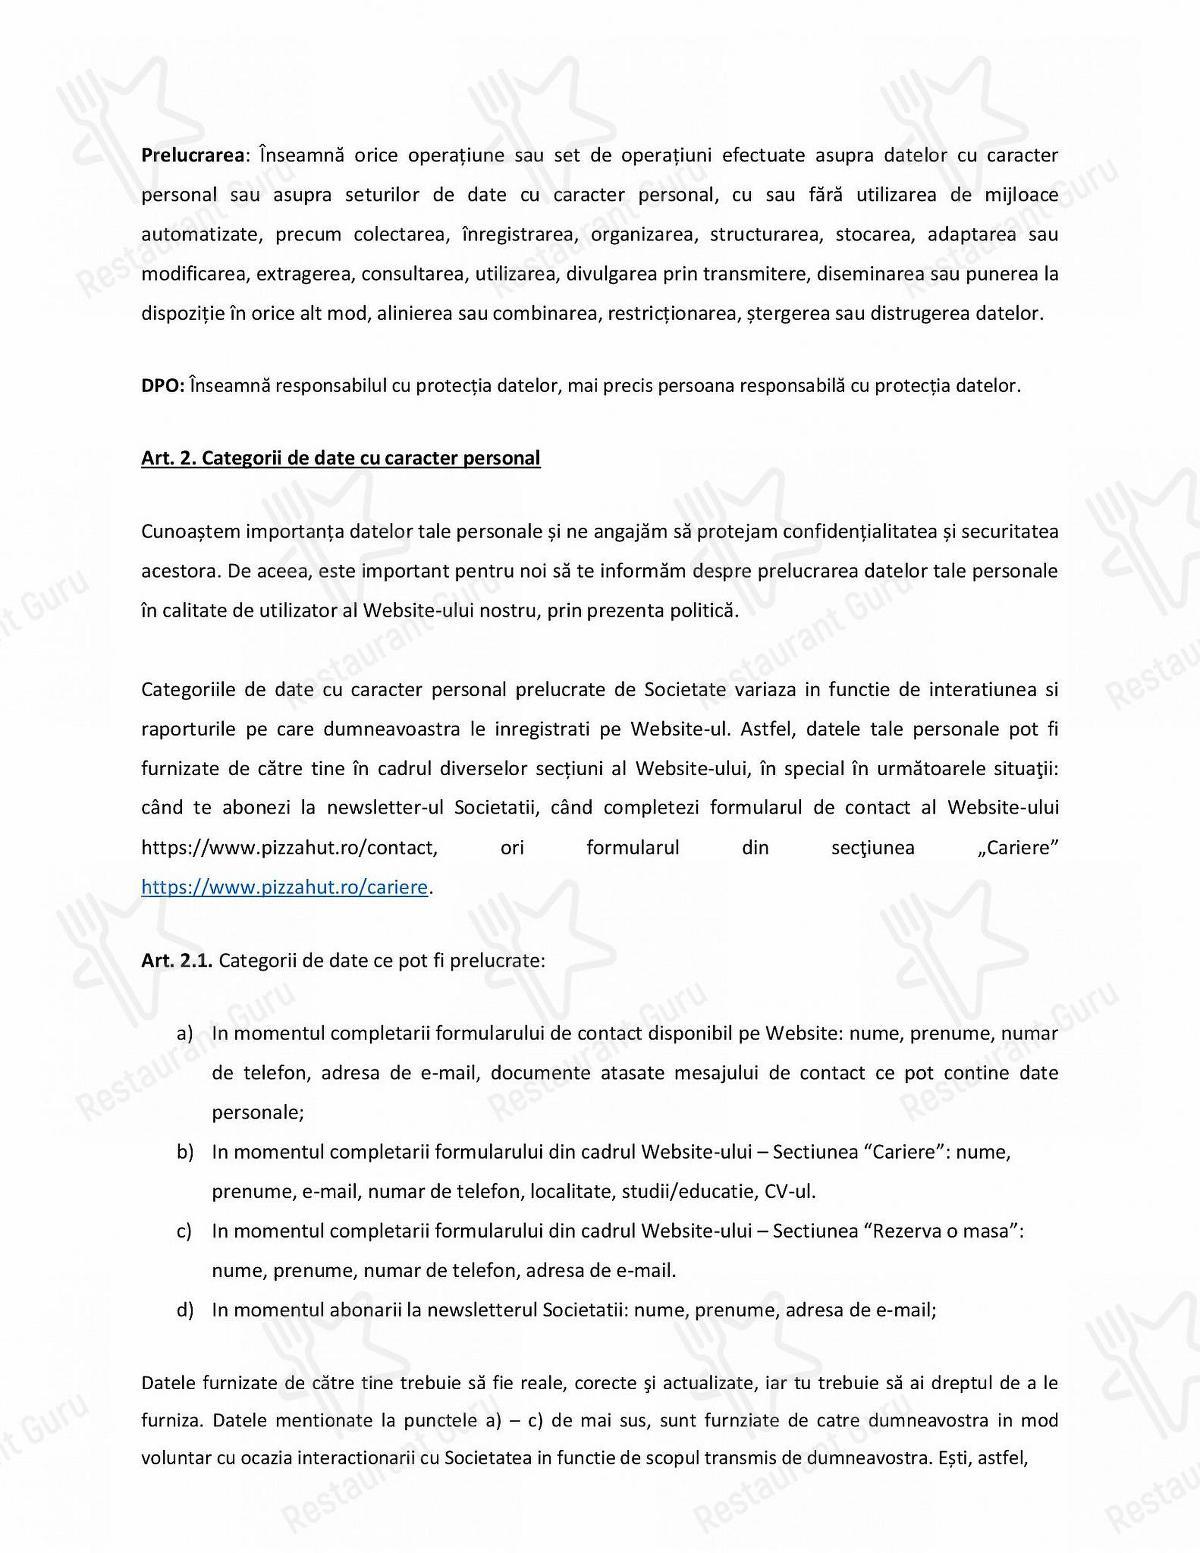 Numarul de dating site- ul femei divortate din Sighișoara care cauta barbati din Sibiu